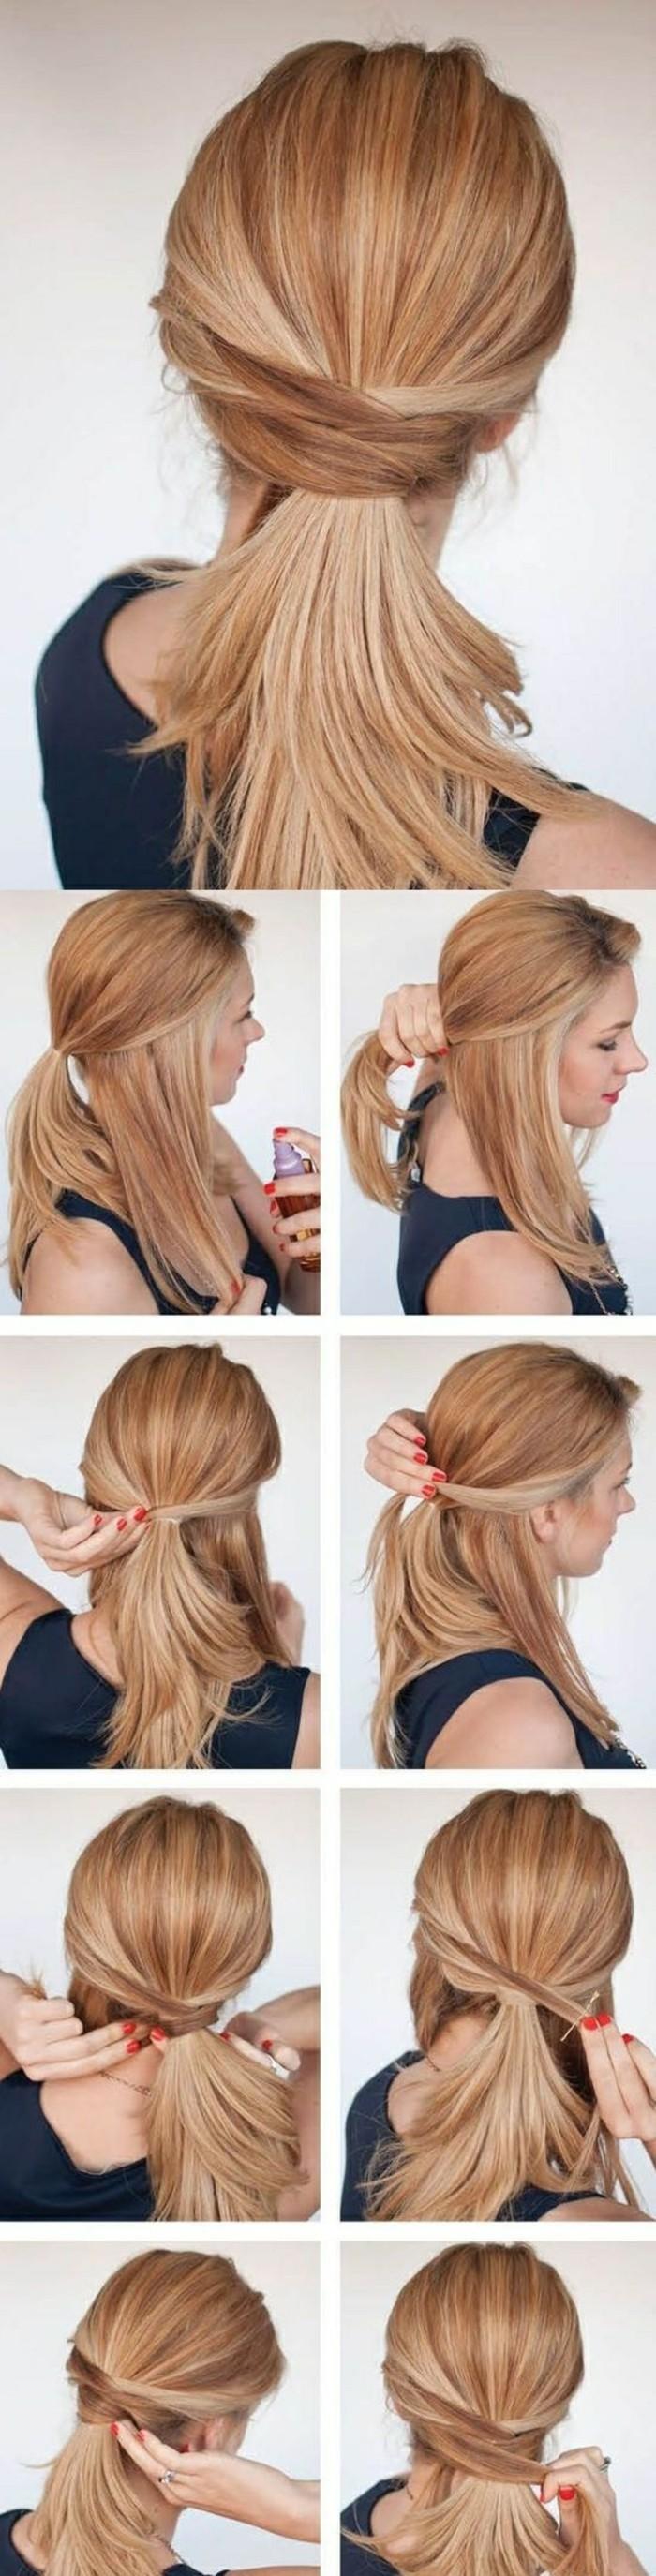 ideas de peinados con trenzas faciles, recogidos sencillos paso a paso, peinados media melena